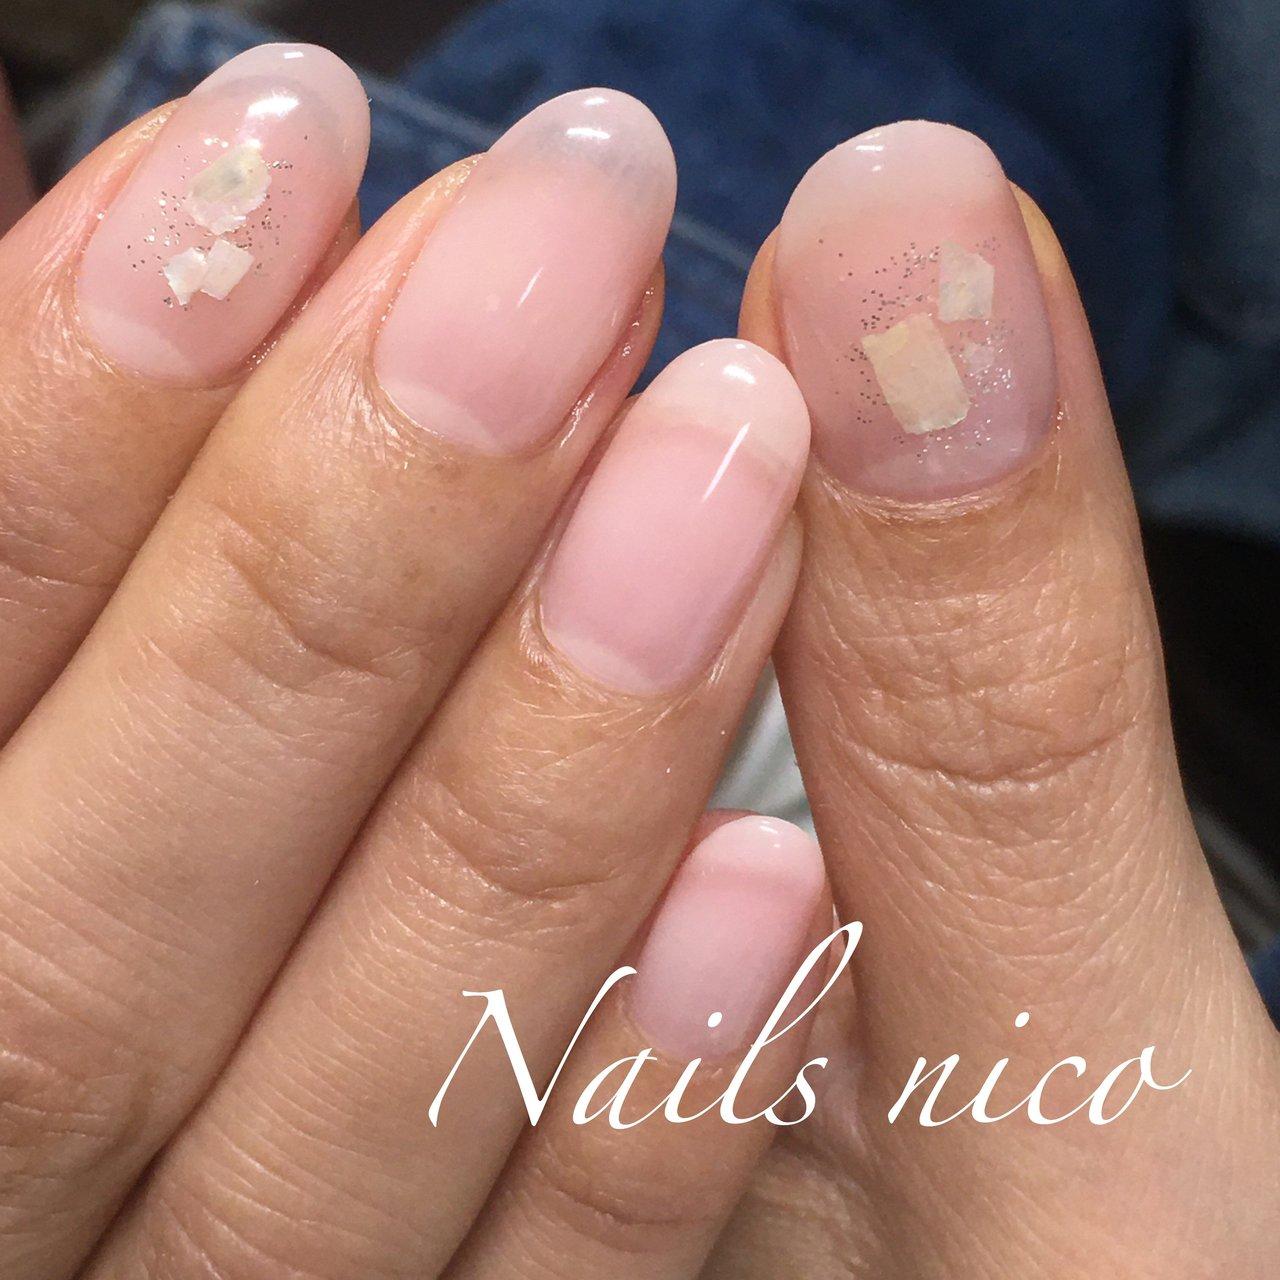 #ピンクグラデーション #シェル #水戸市ネイル&スクール Nails nico #ネイルブック